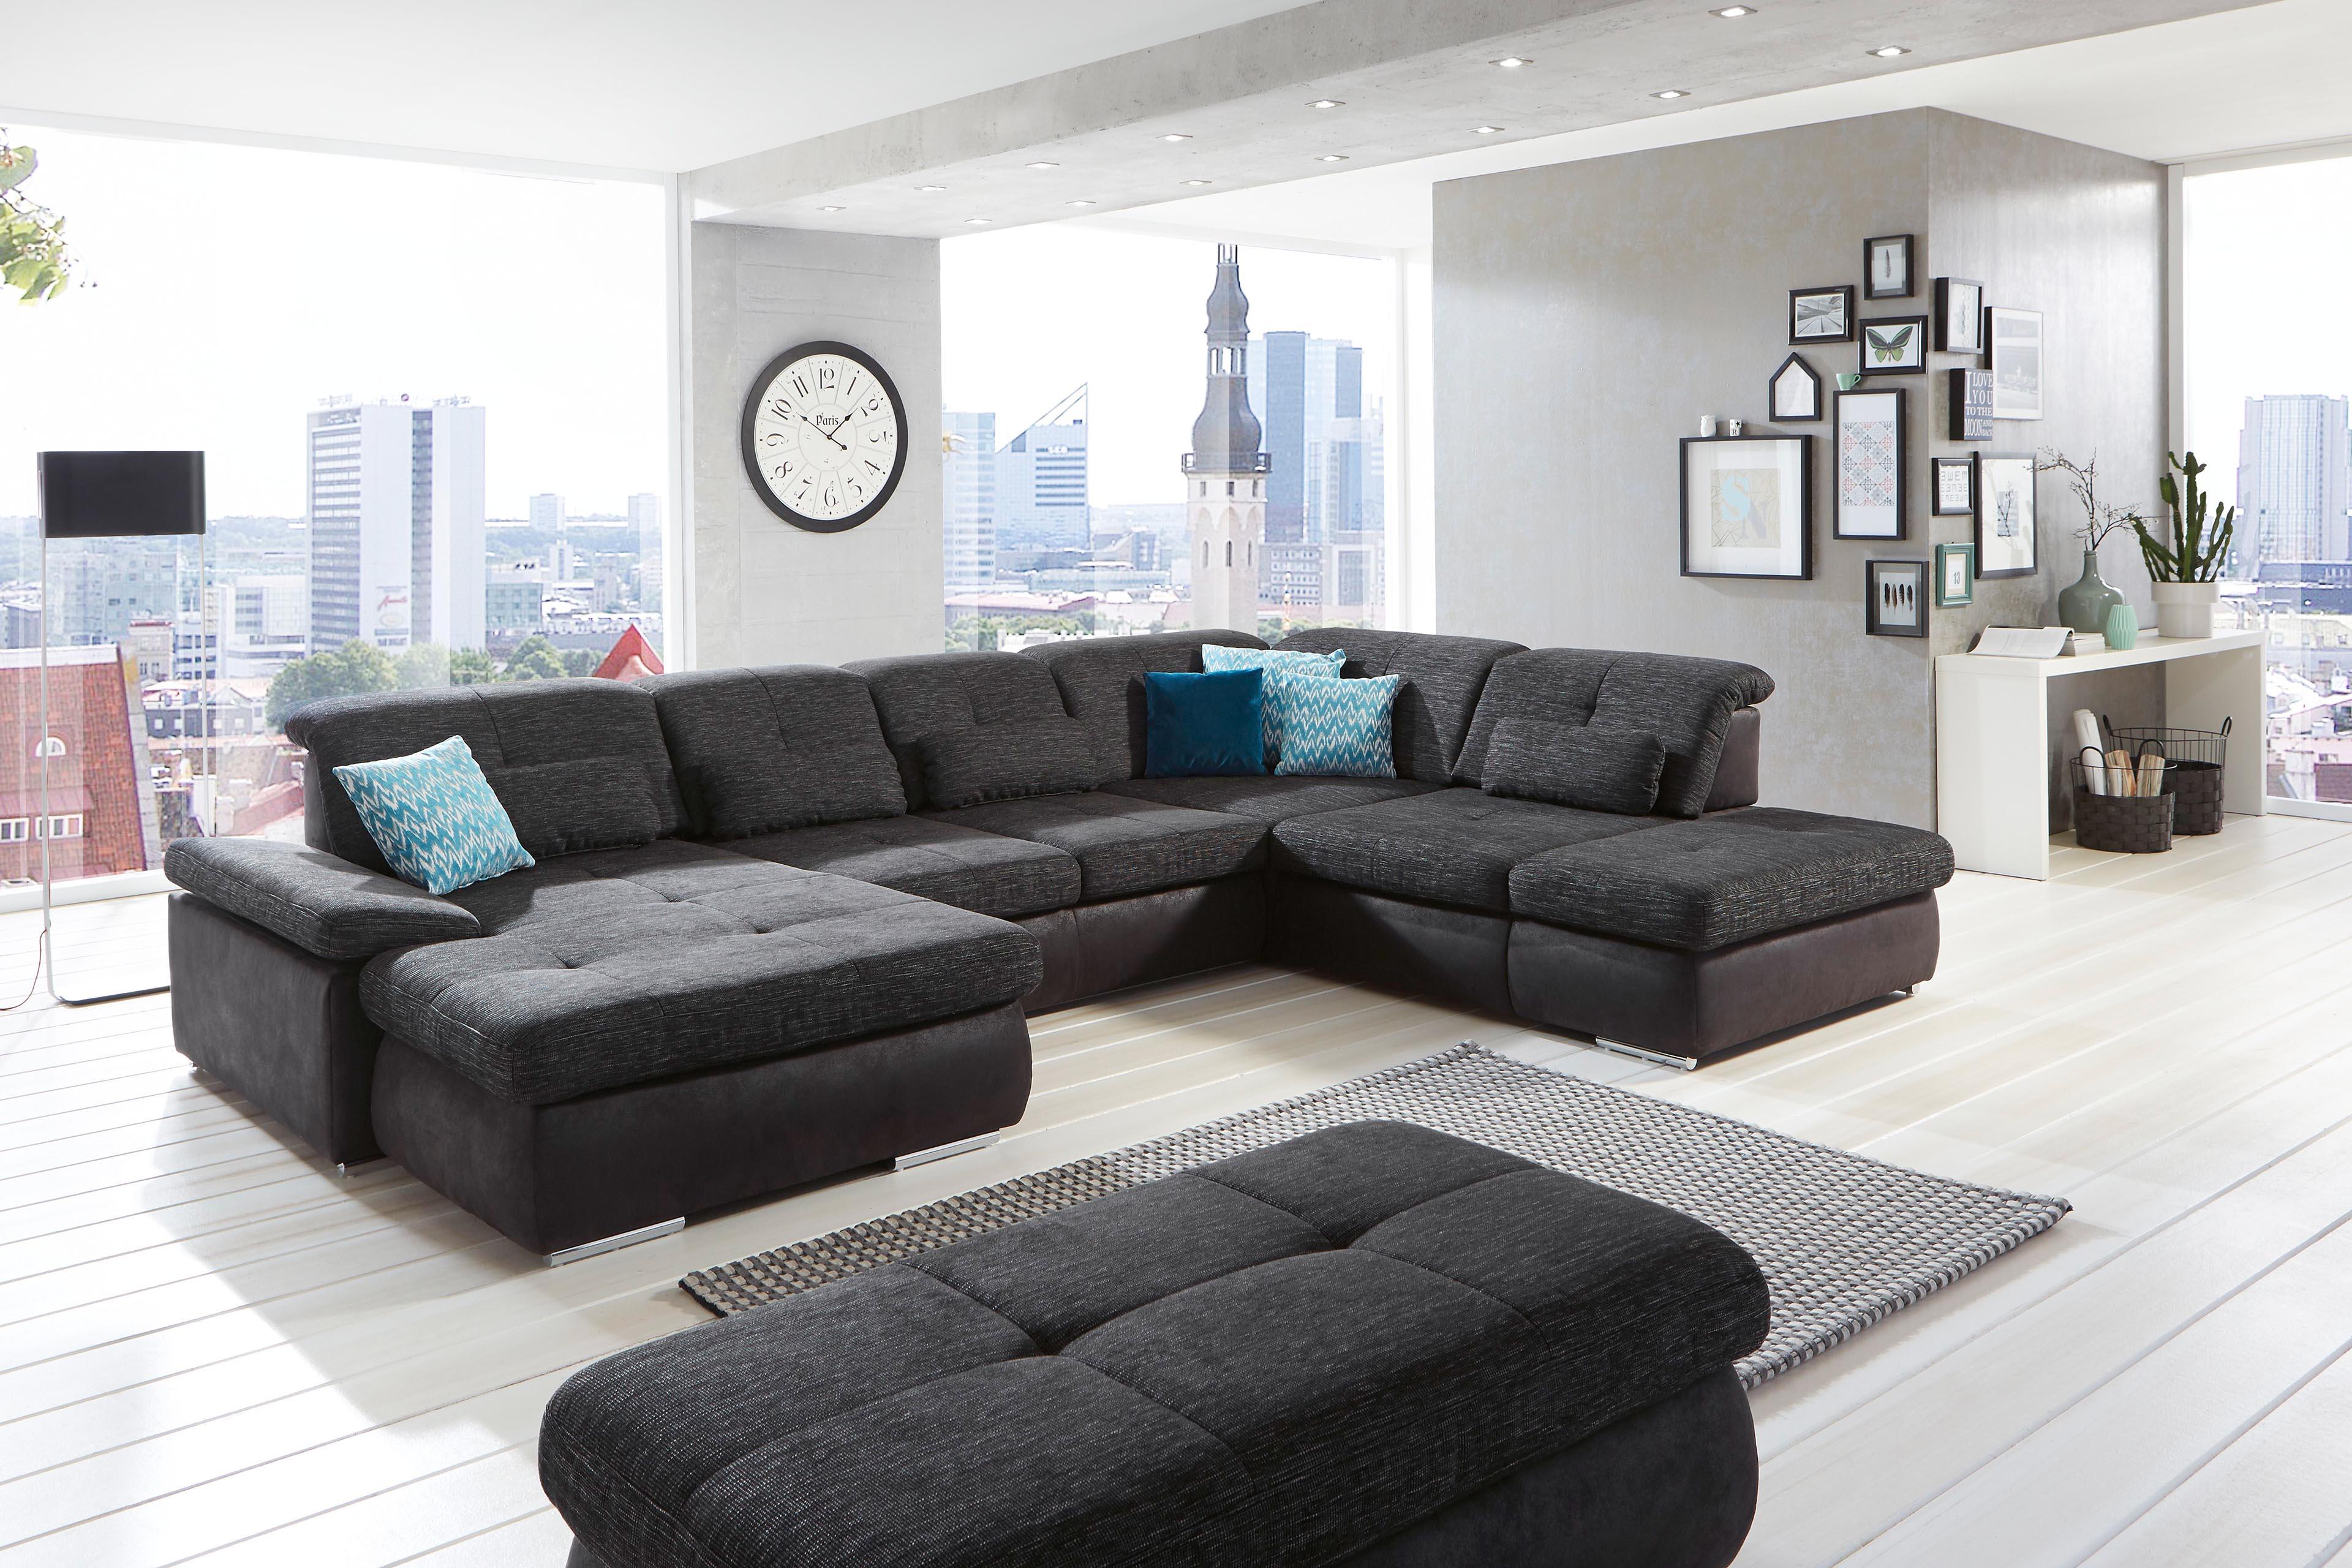 polstergarnitur artus von megapol m bel letz ihr online shop. Black Bedroom Furniture Sets. Home Design Ideas